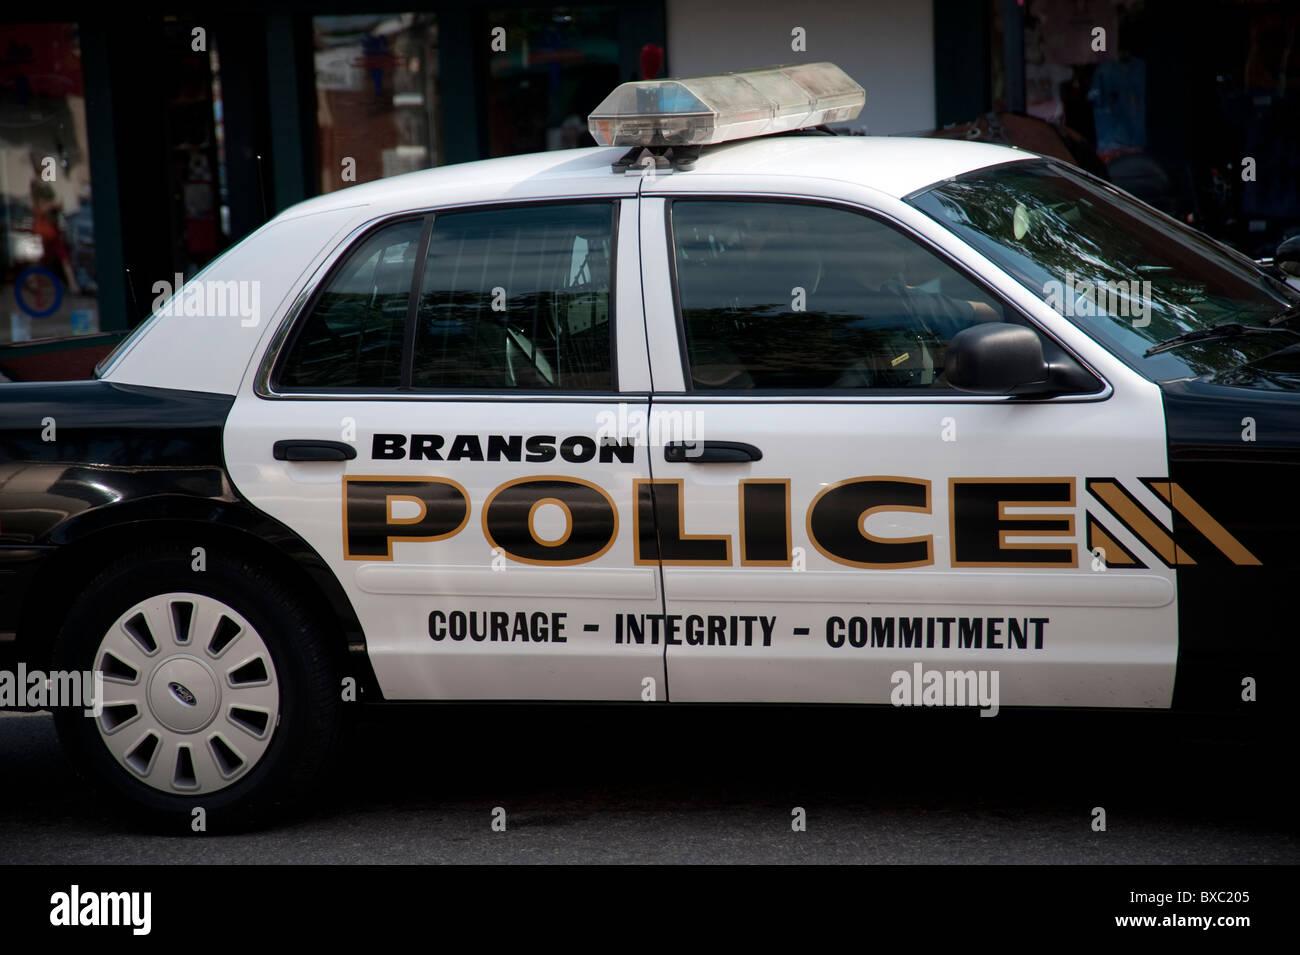 Sheriff Vehicles Stock Photos & Sheriff Vehicles Stock Images - Alamy